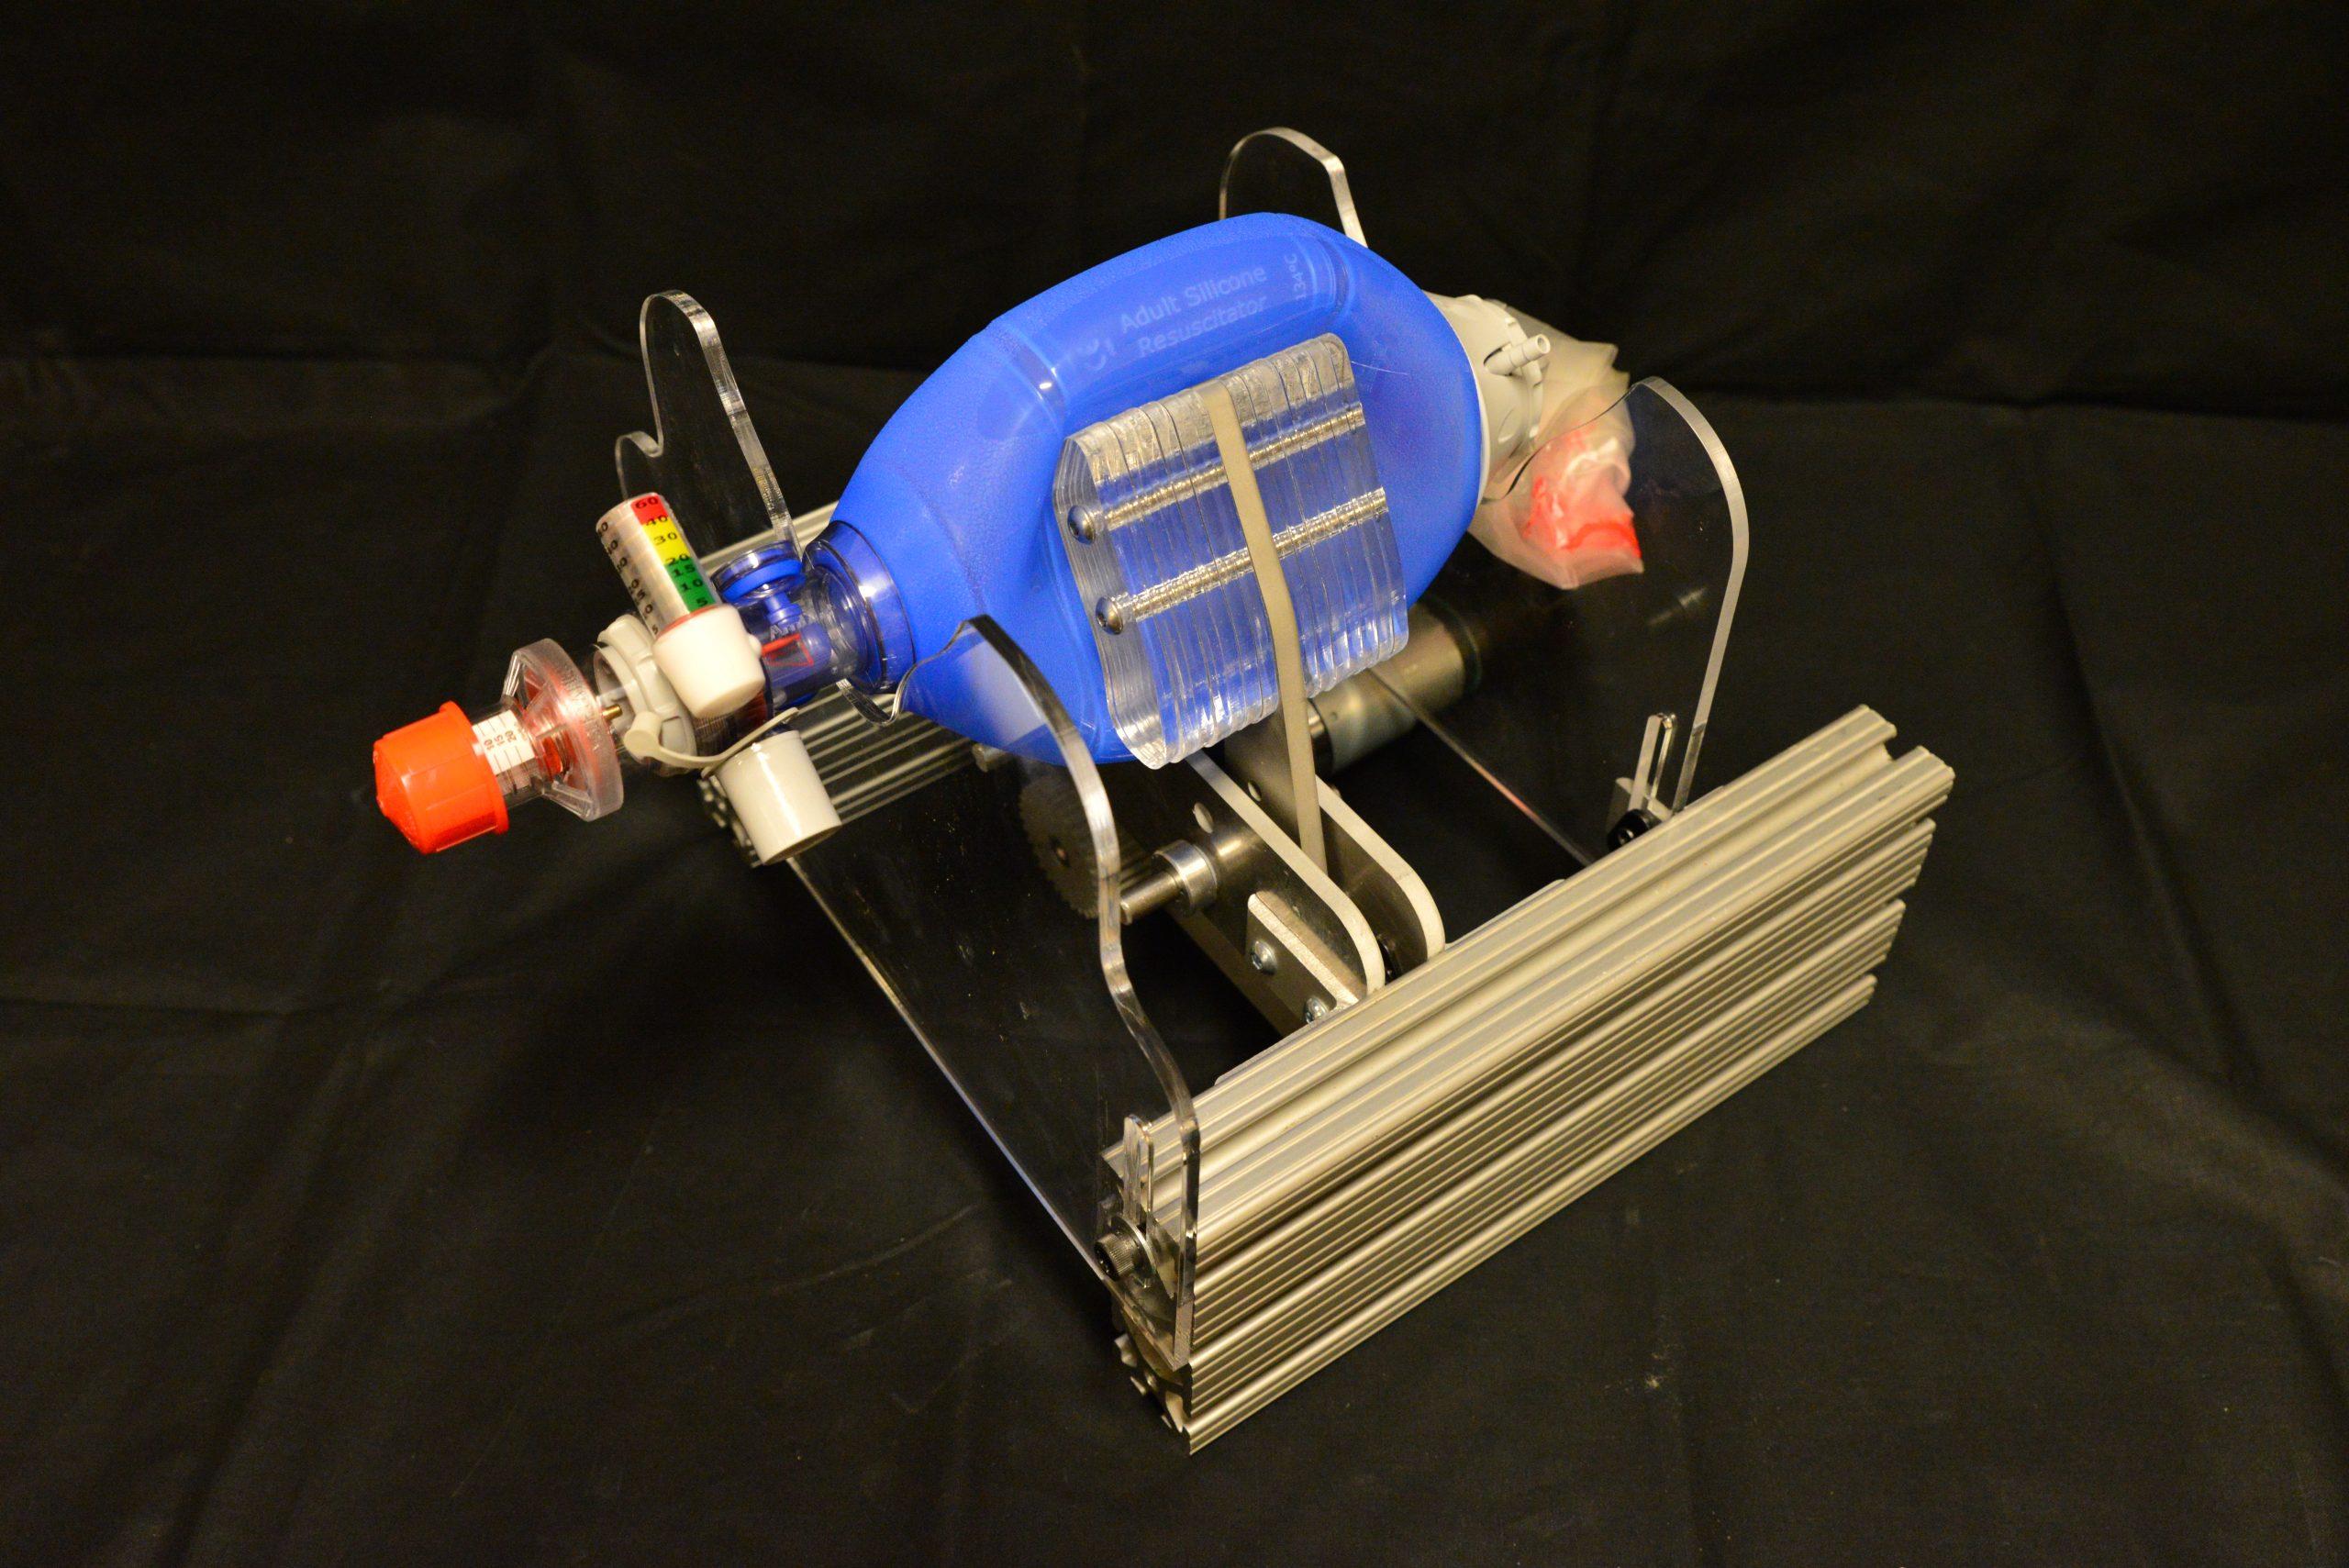 MIT E Vent prototypes